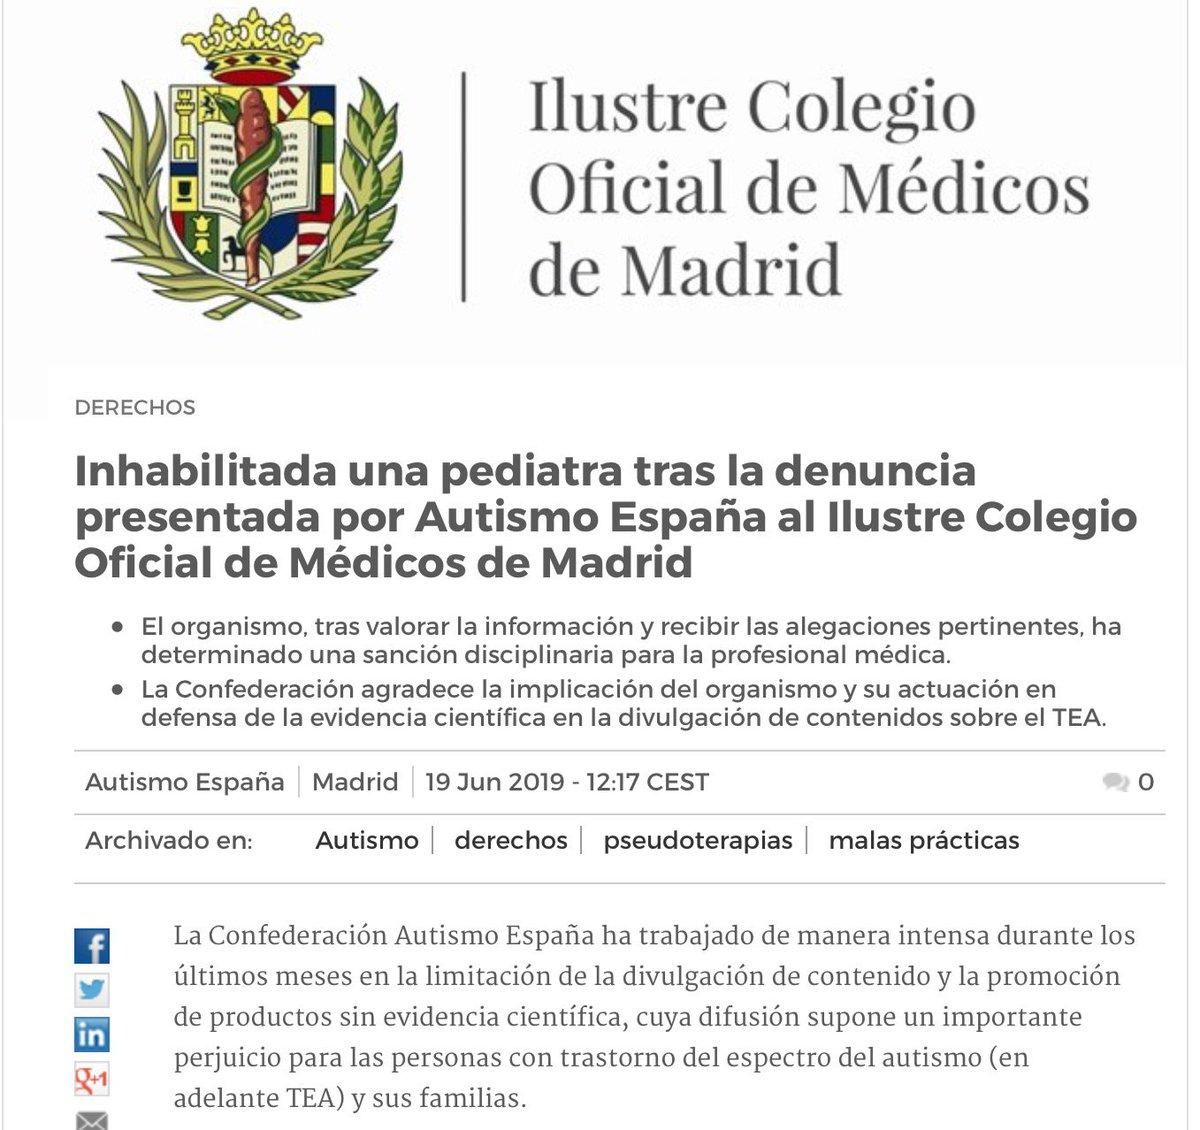 Inhabilitada una pediatra por difundir en medios de comunicación la tesis de que la vacunación provoca autismo e incitar a niños y embarazadas a no vacunarse http://www.autismo.org.es/actualidad/articulo/inhabilitada-una-pediatra-tras-la-denuncia-presentada-por-autismo-espana-al…